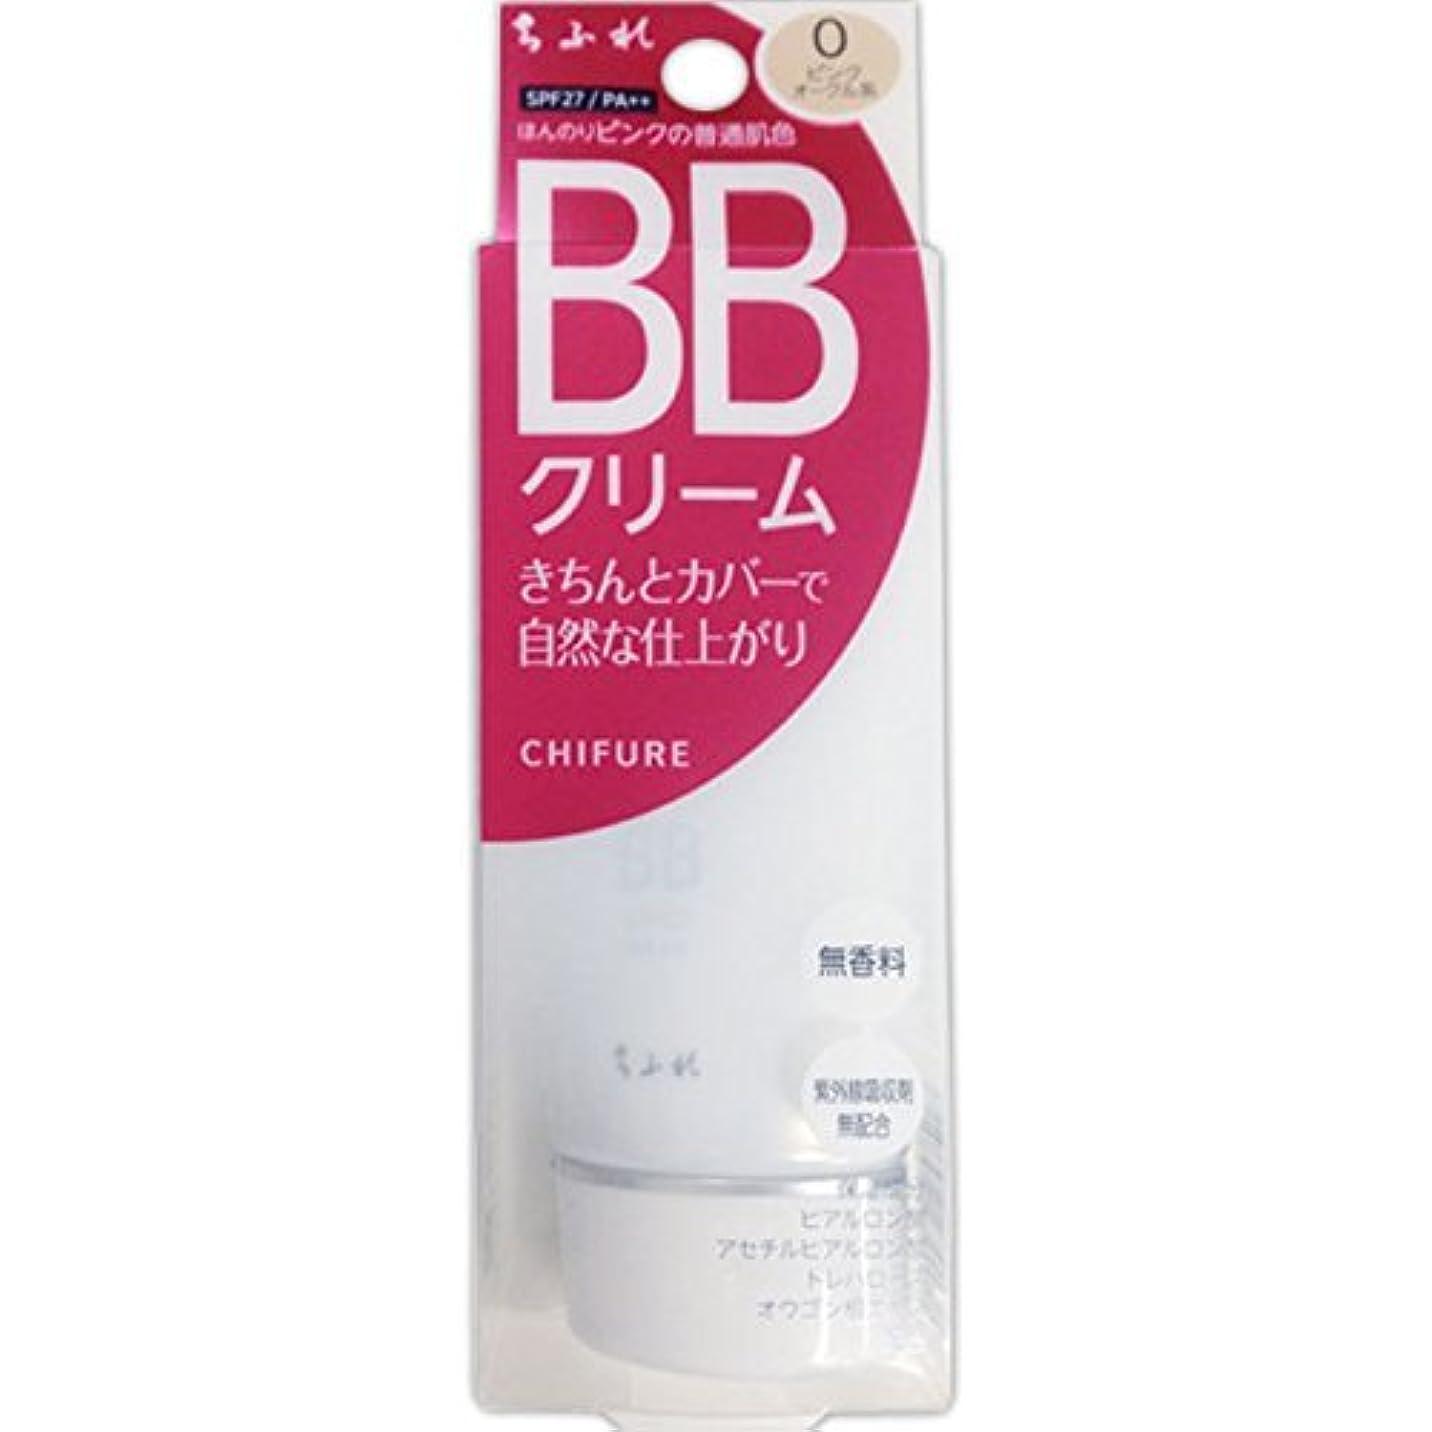 爆風厄介な推進力ちふれ化粧品 BB クリーム ほんのりピンクの普通肌色 0